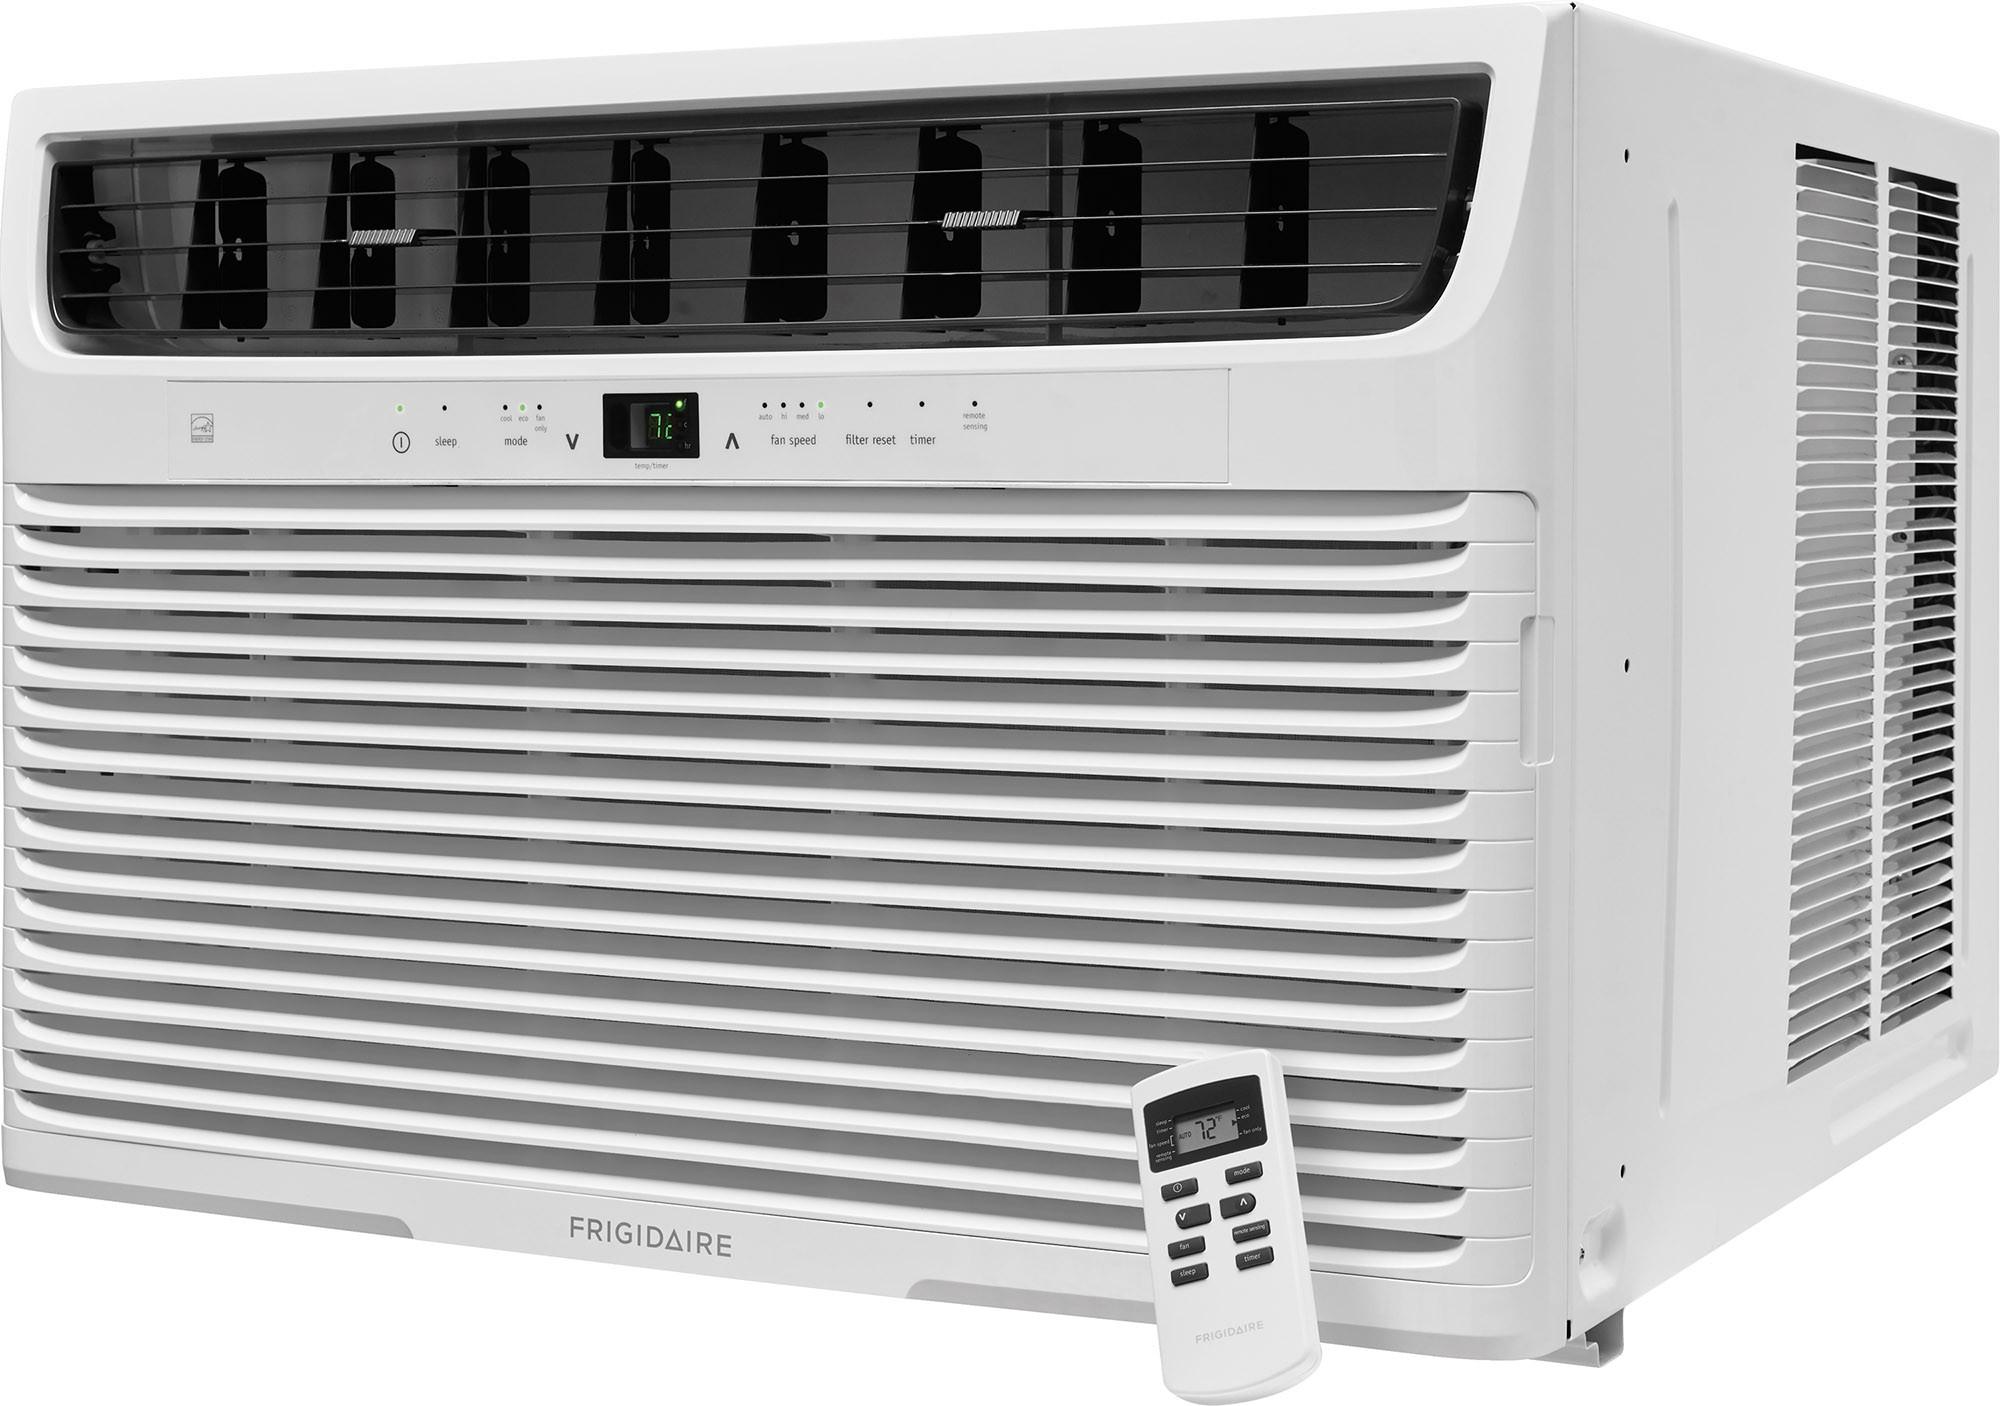 Frigidaire 22,000 BTU Window / Wall Air Conditioner FFRE2233U2